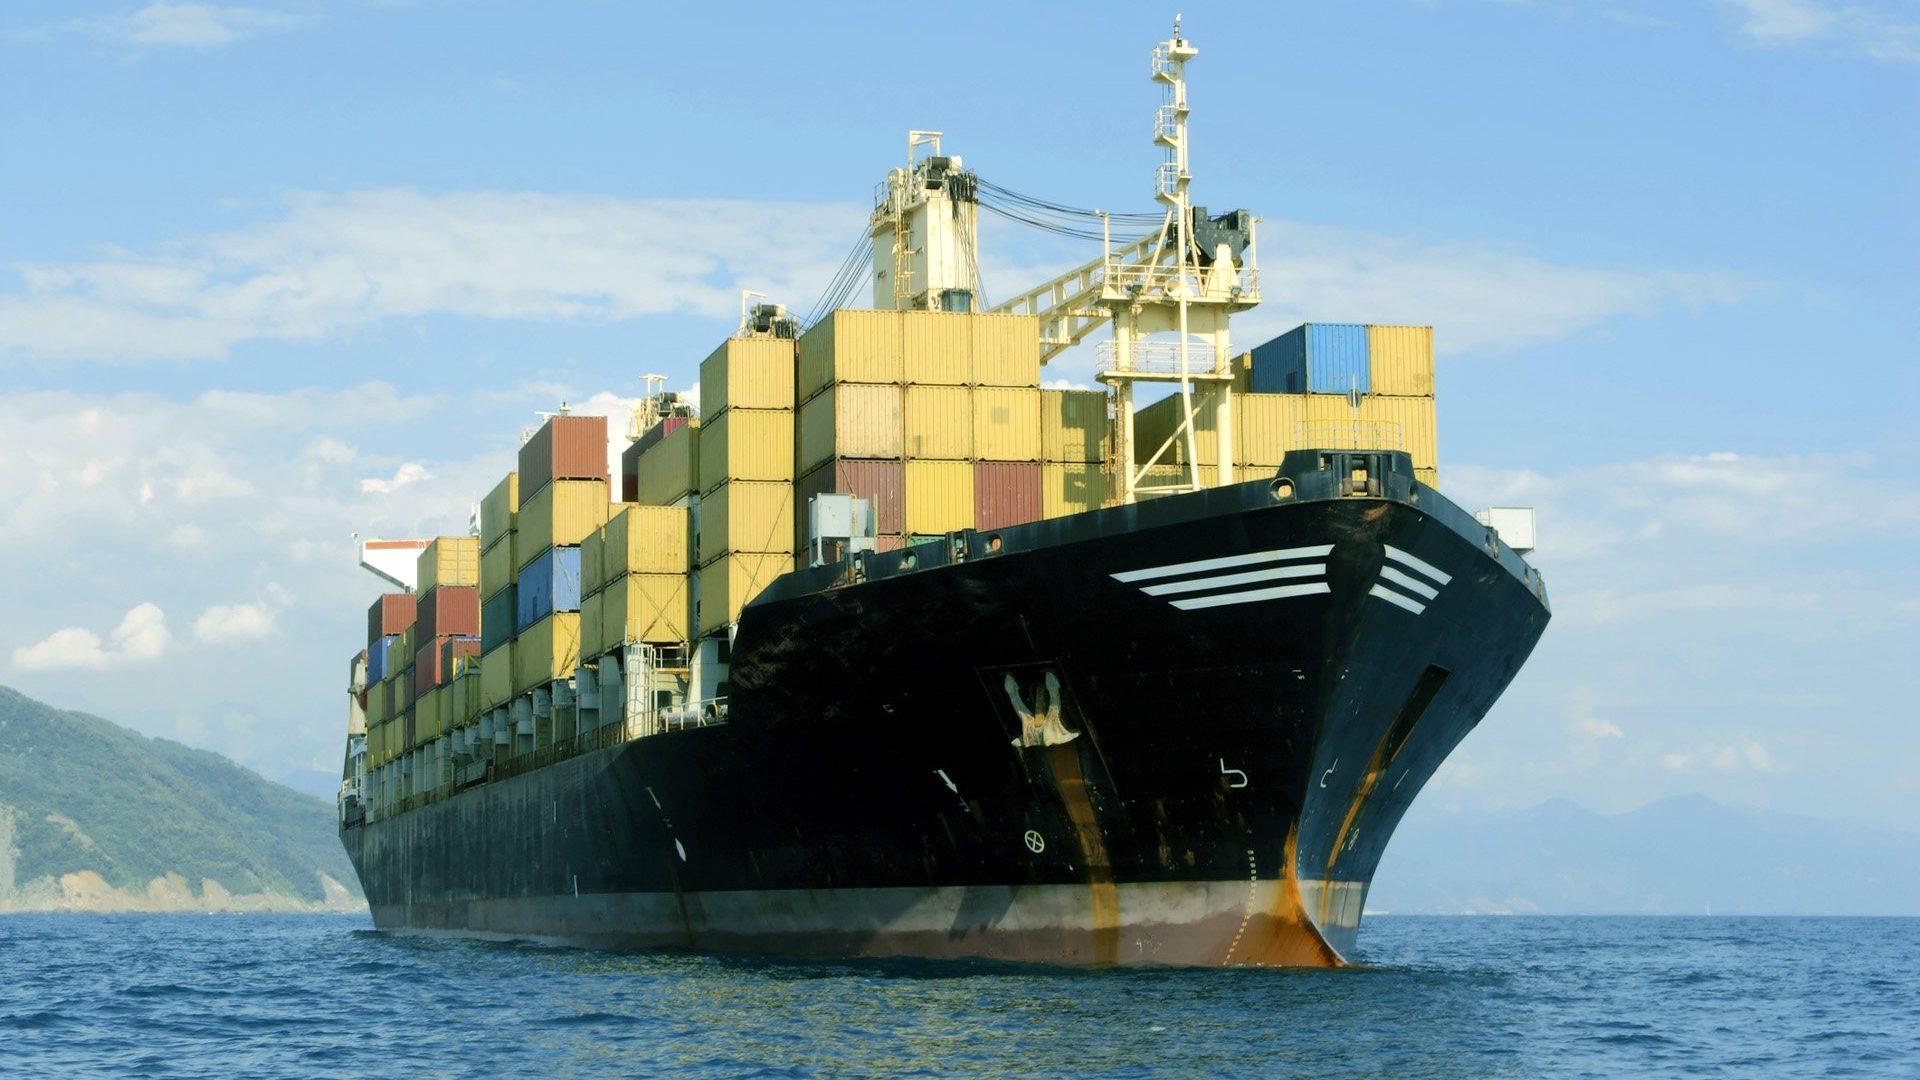 Viaggiare low cost sulle Navi Cargo